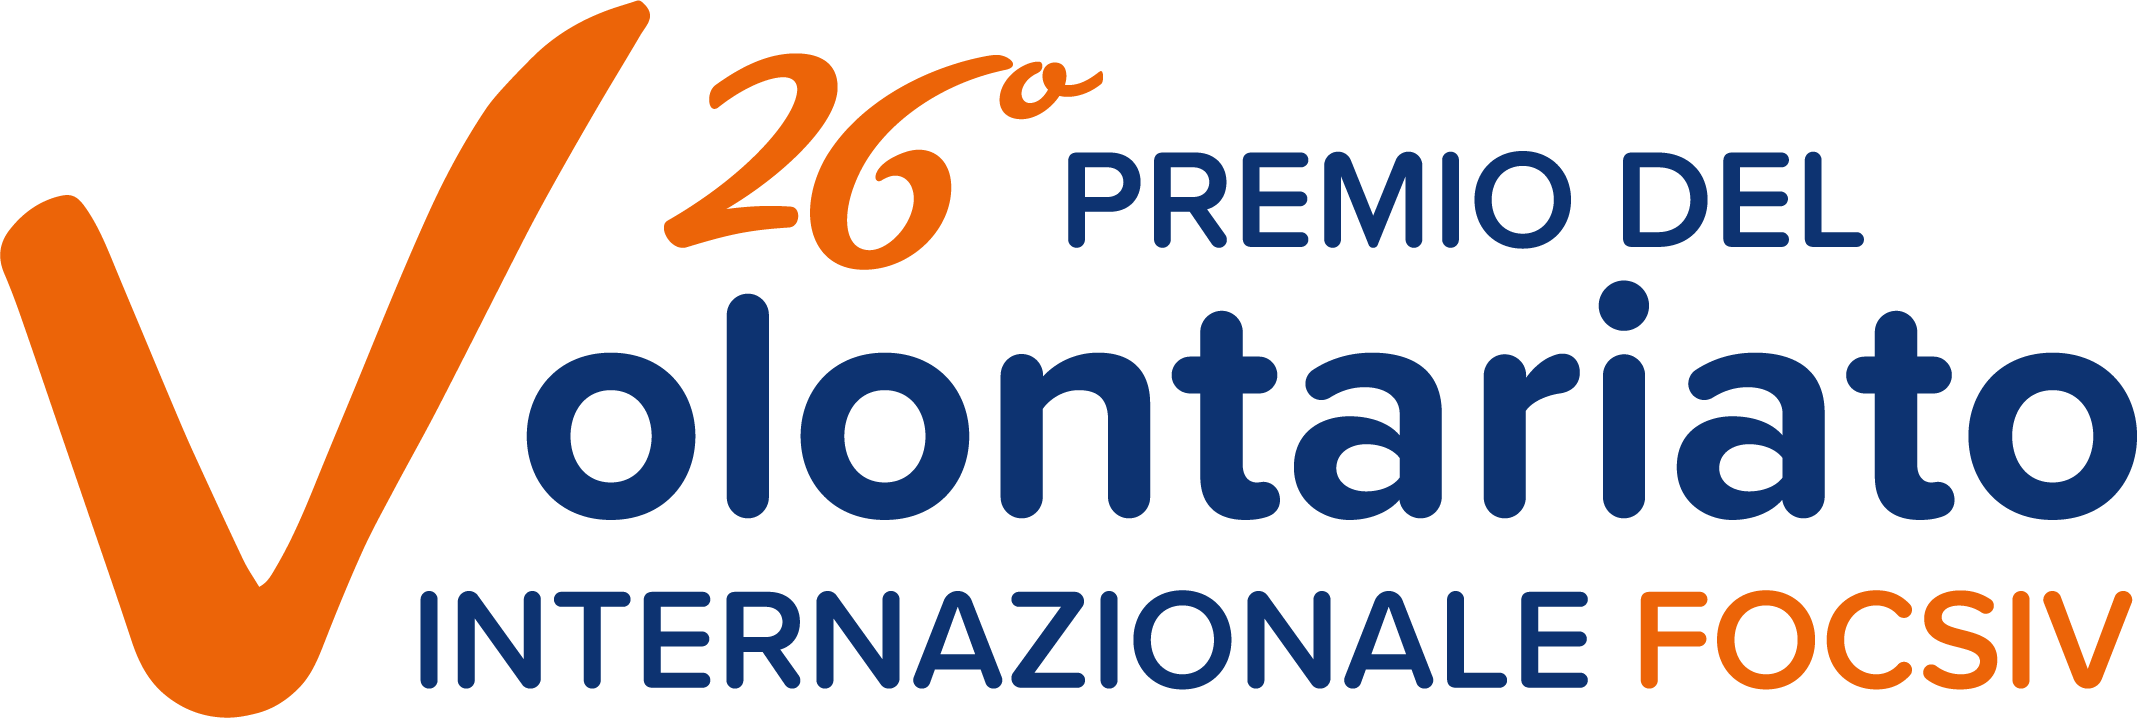 26° Premio del Volontariato Internazionale FOCSIV 2019 – Candidature entro il 26 agosto 2019